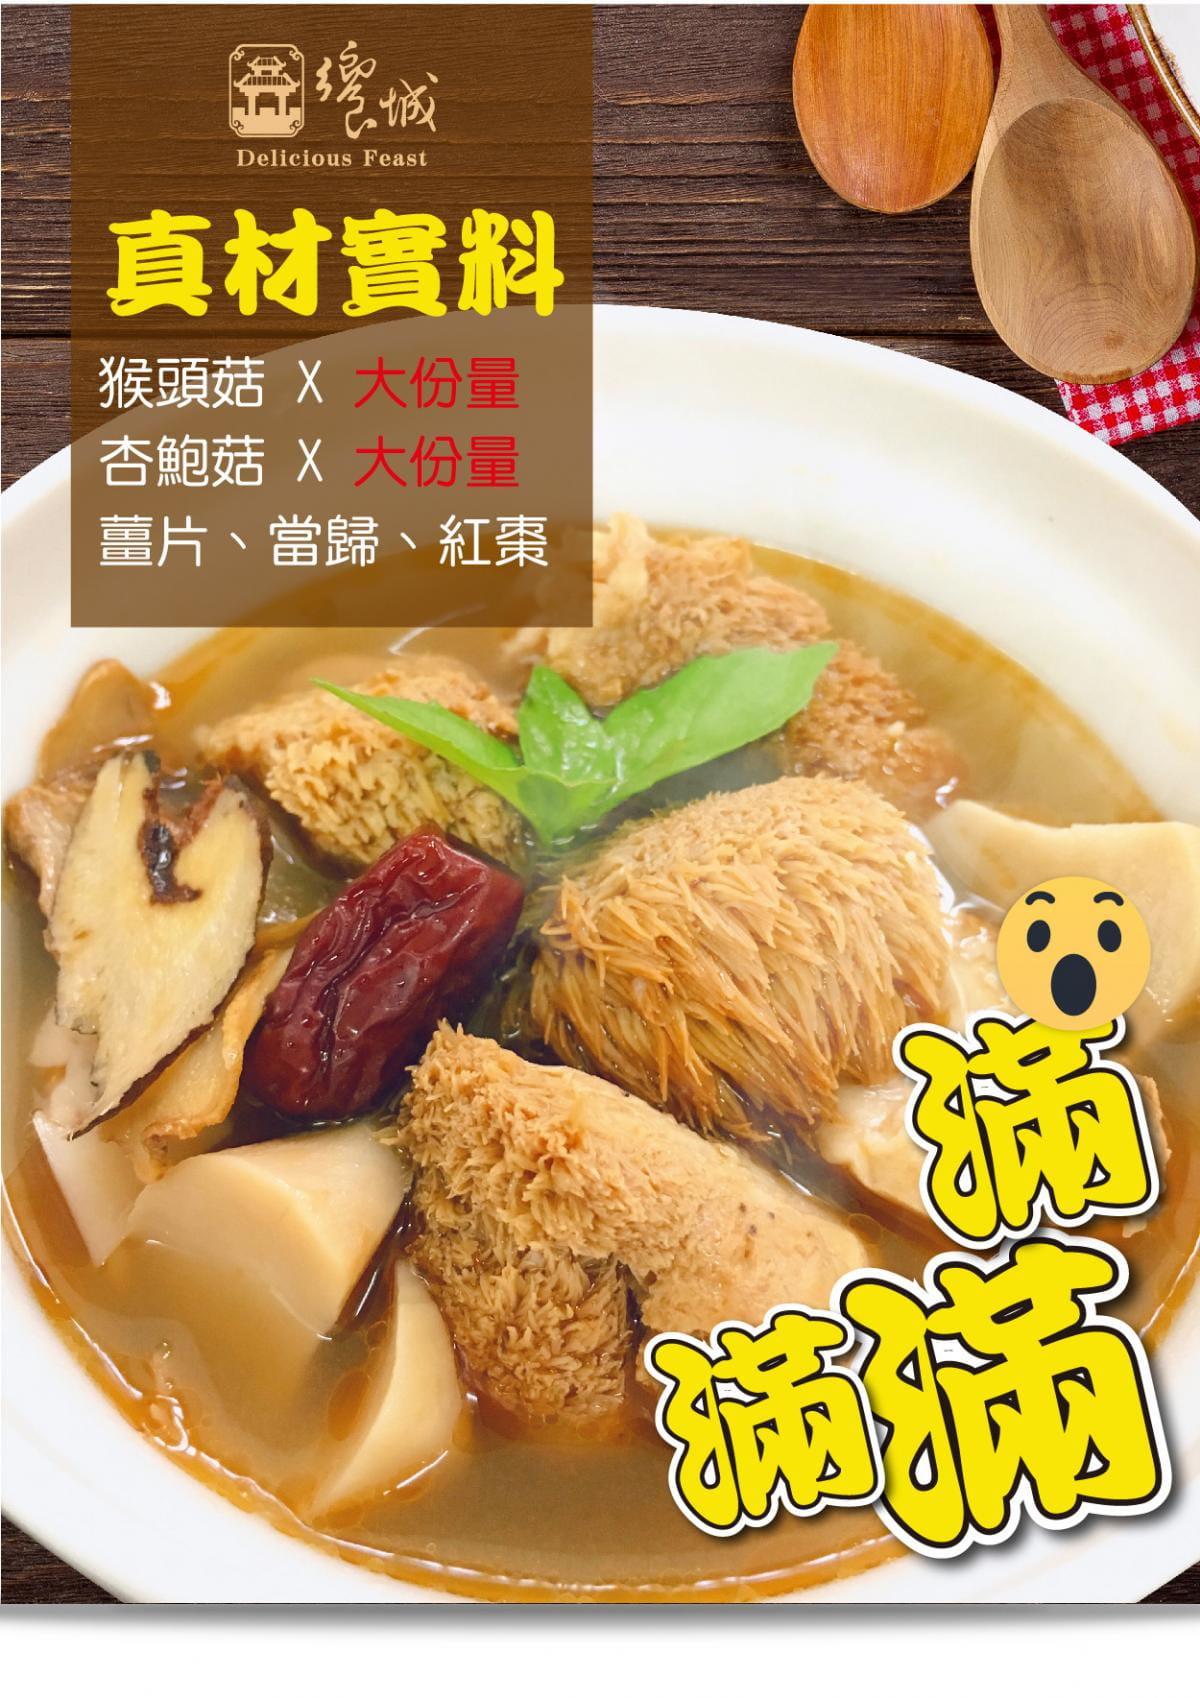 饗城麻油猴頭杏鮑菇 2